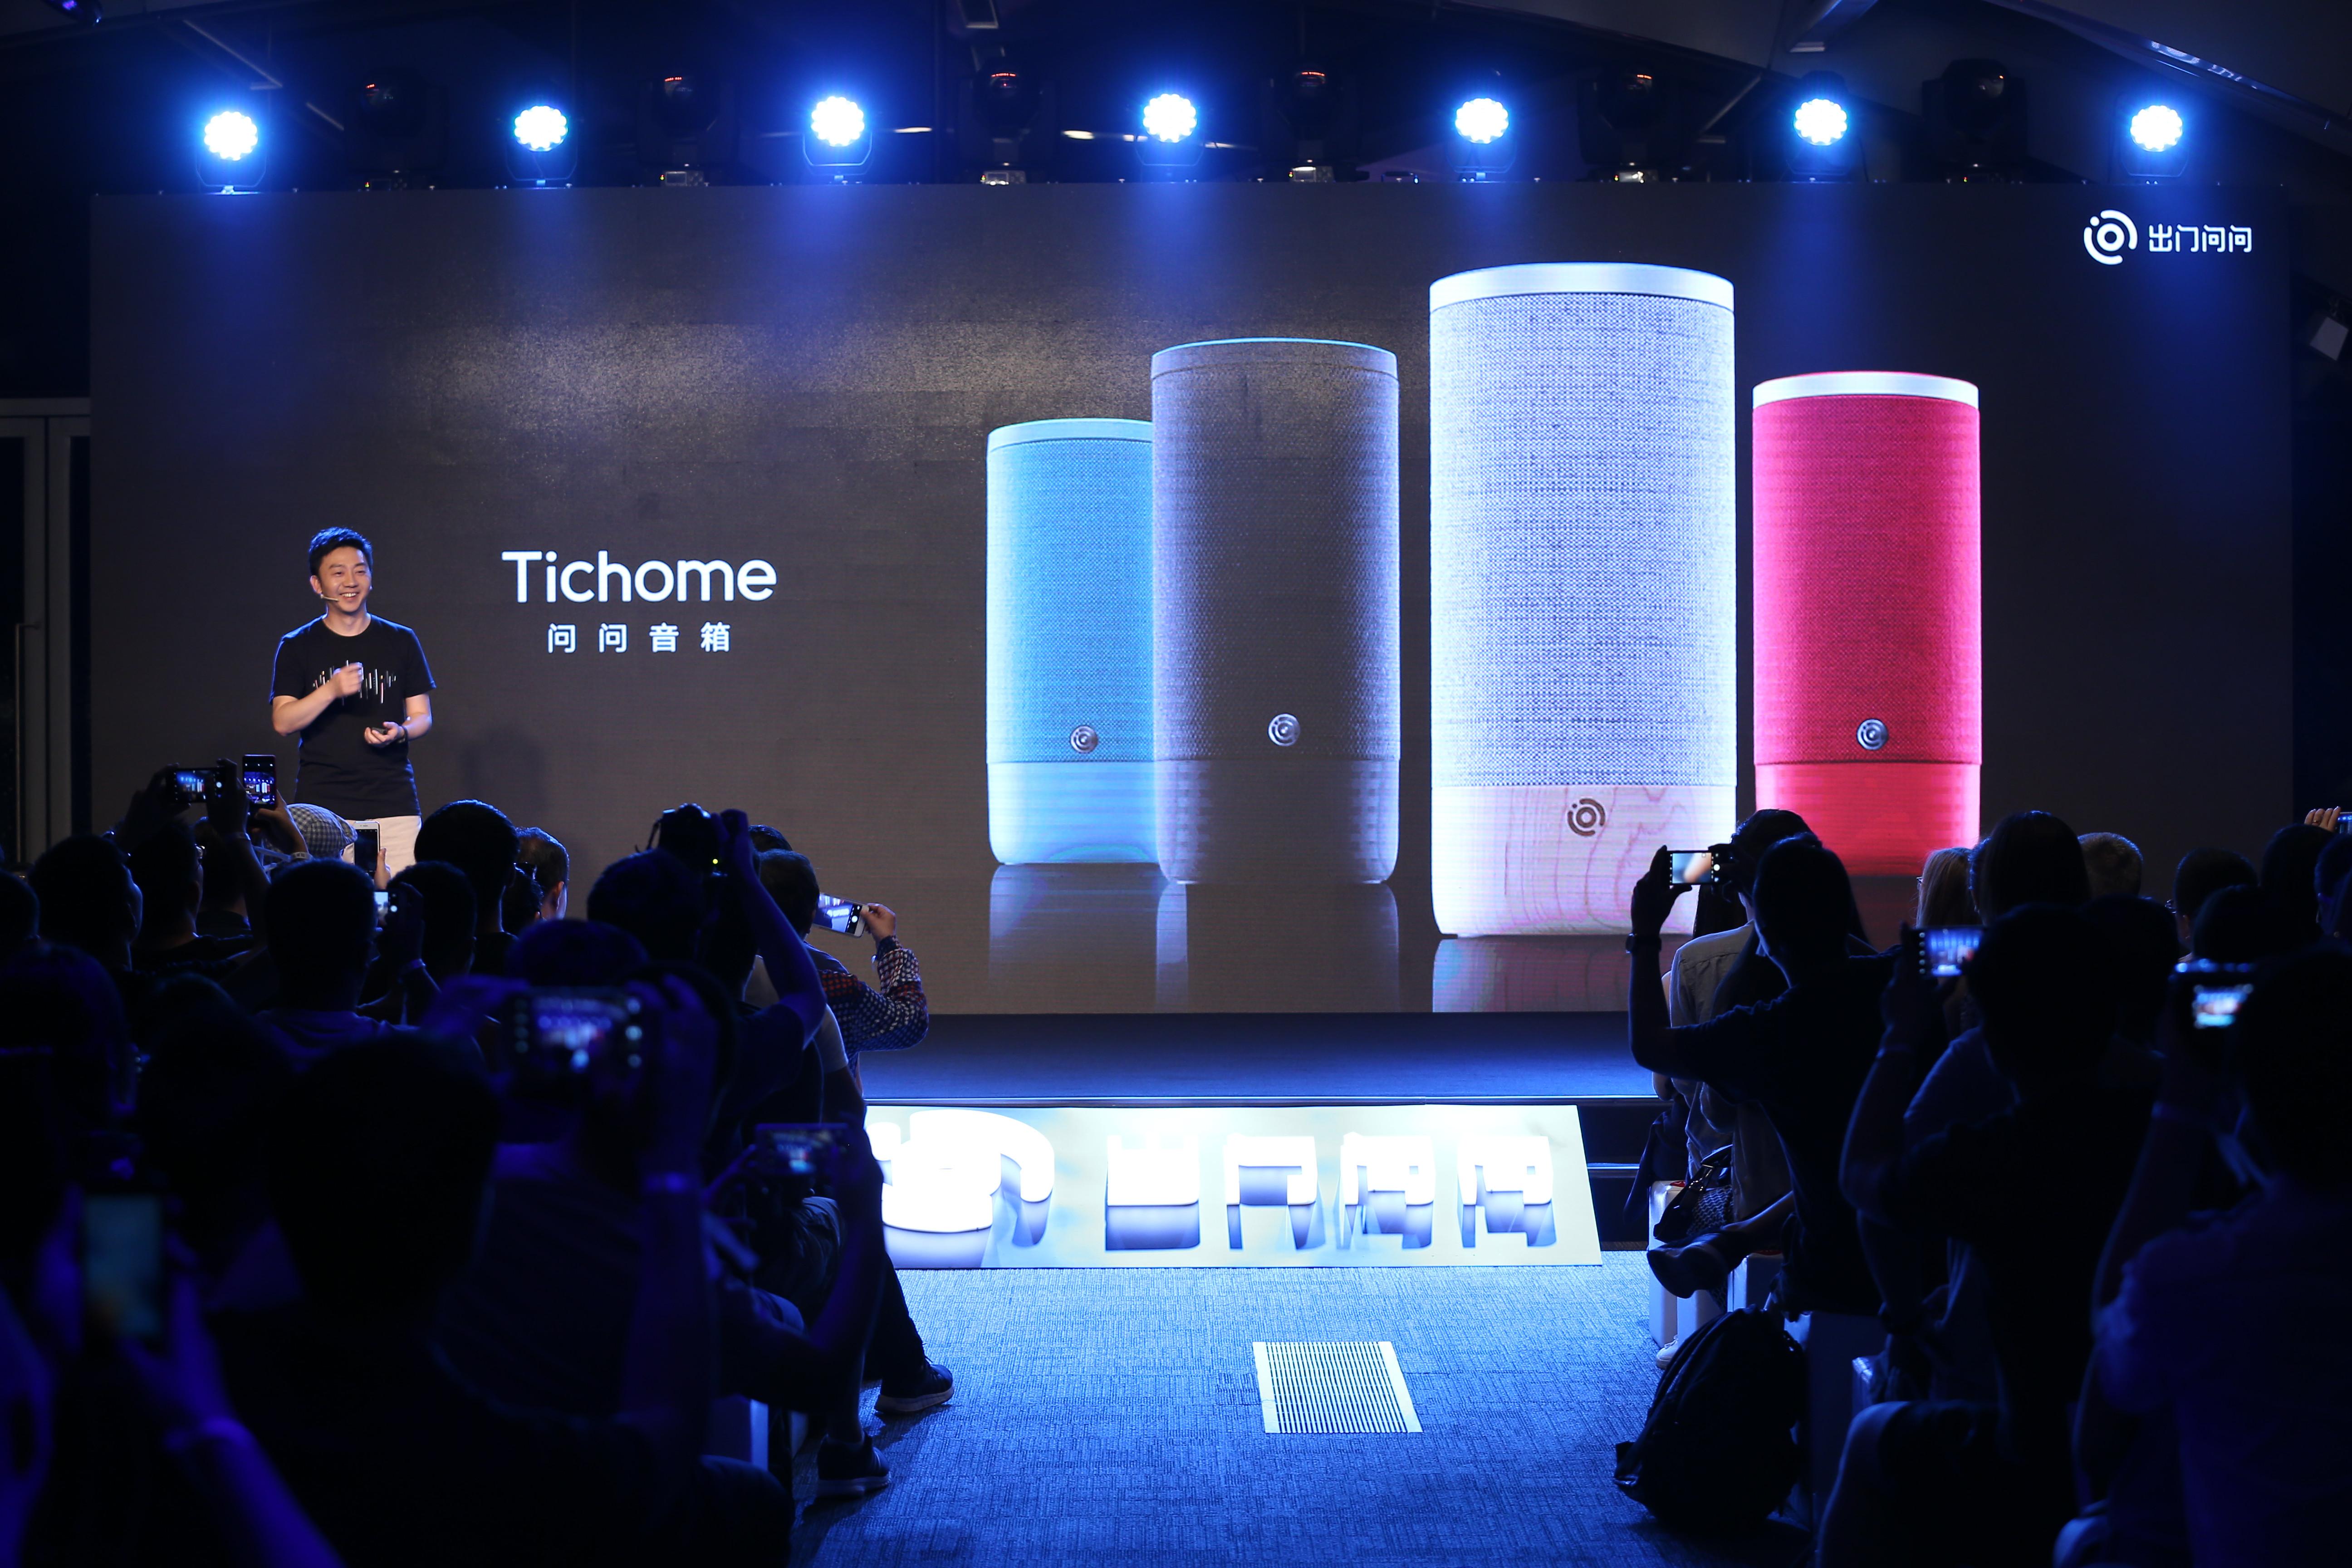 出门问问发布问问音箱Tichome 设计简约智能领先